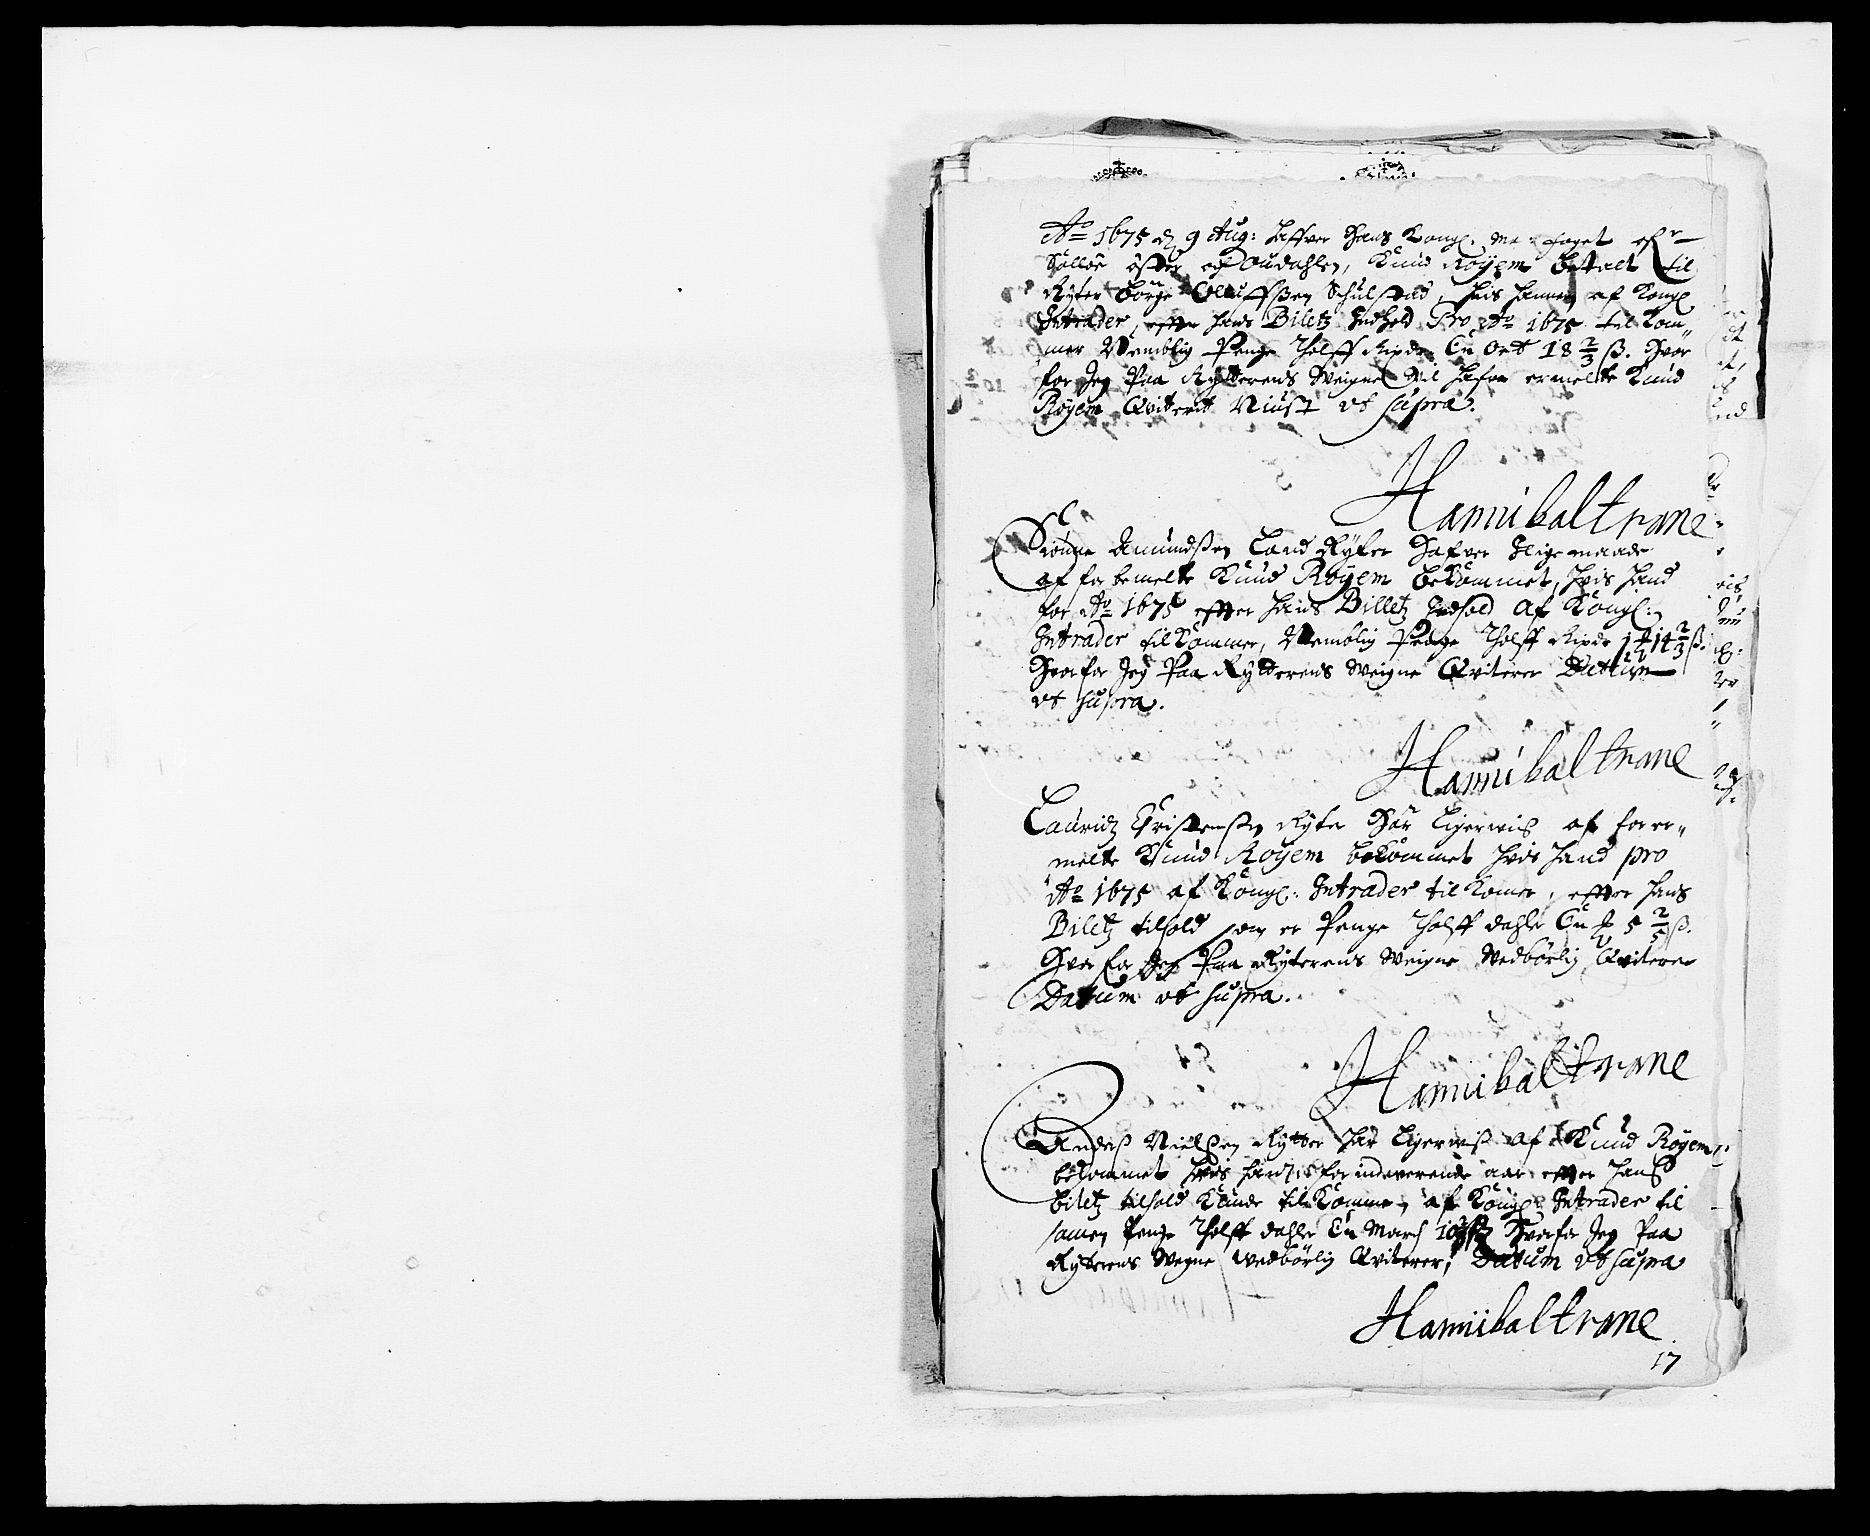 RA, Rentekammeret inntil 1814, Reviderte regnskaper, Fogderegnskap, R13/L0808: Fogderegnskap Solør, Odal og Østerdal, 1675, s. 70